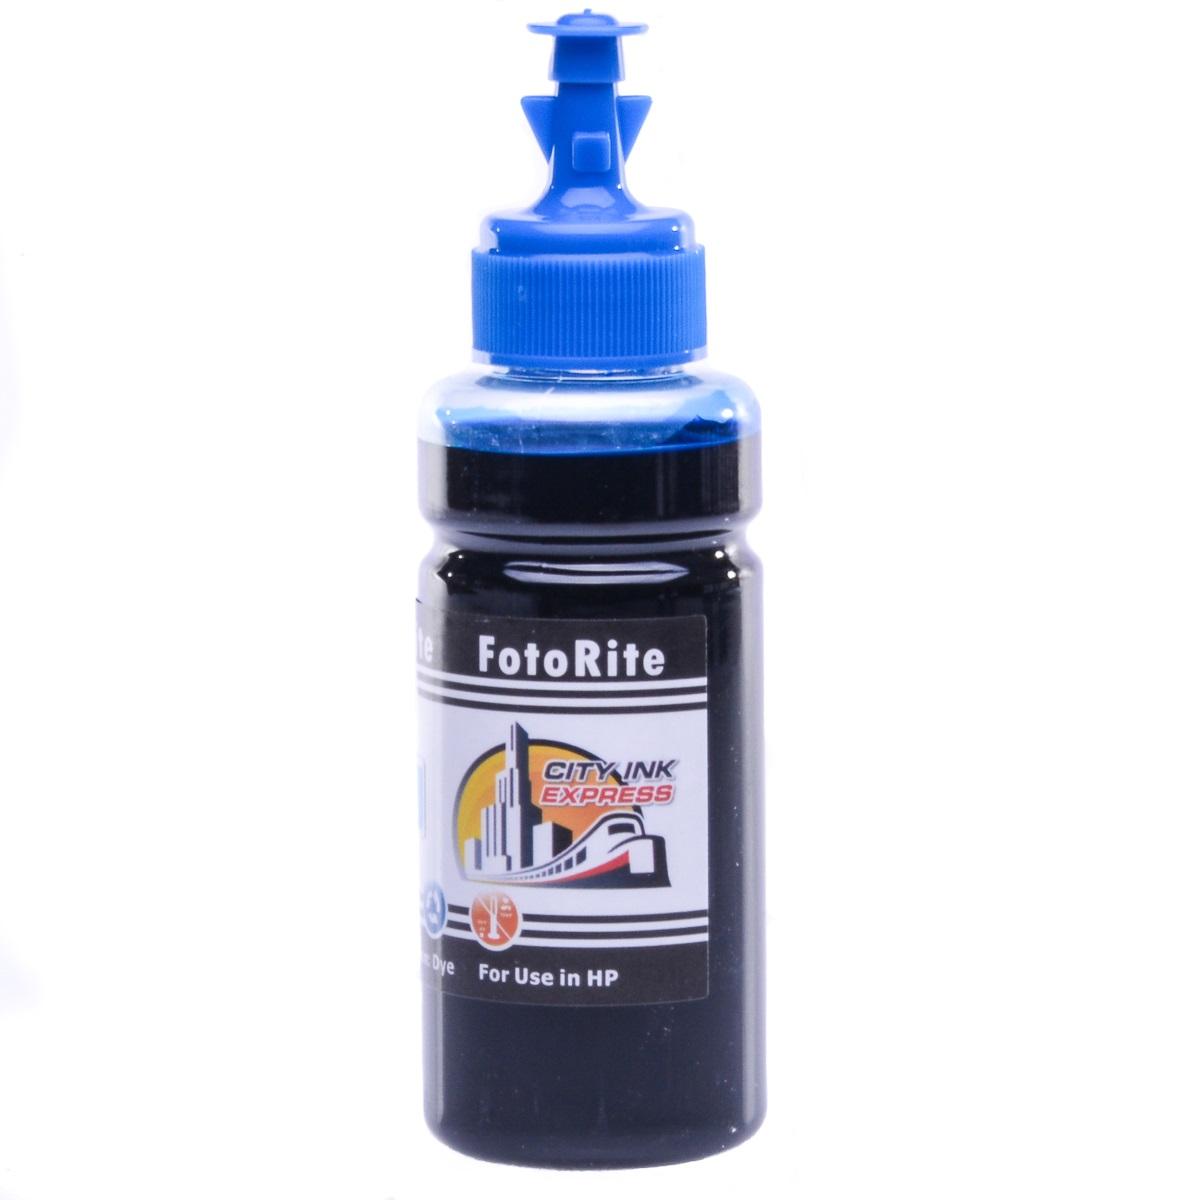 Cheap Cyan dye ink refill replaces HP Envy Envy Photo 7130 - HP303,HP303XL